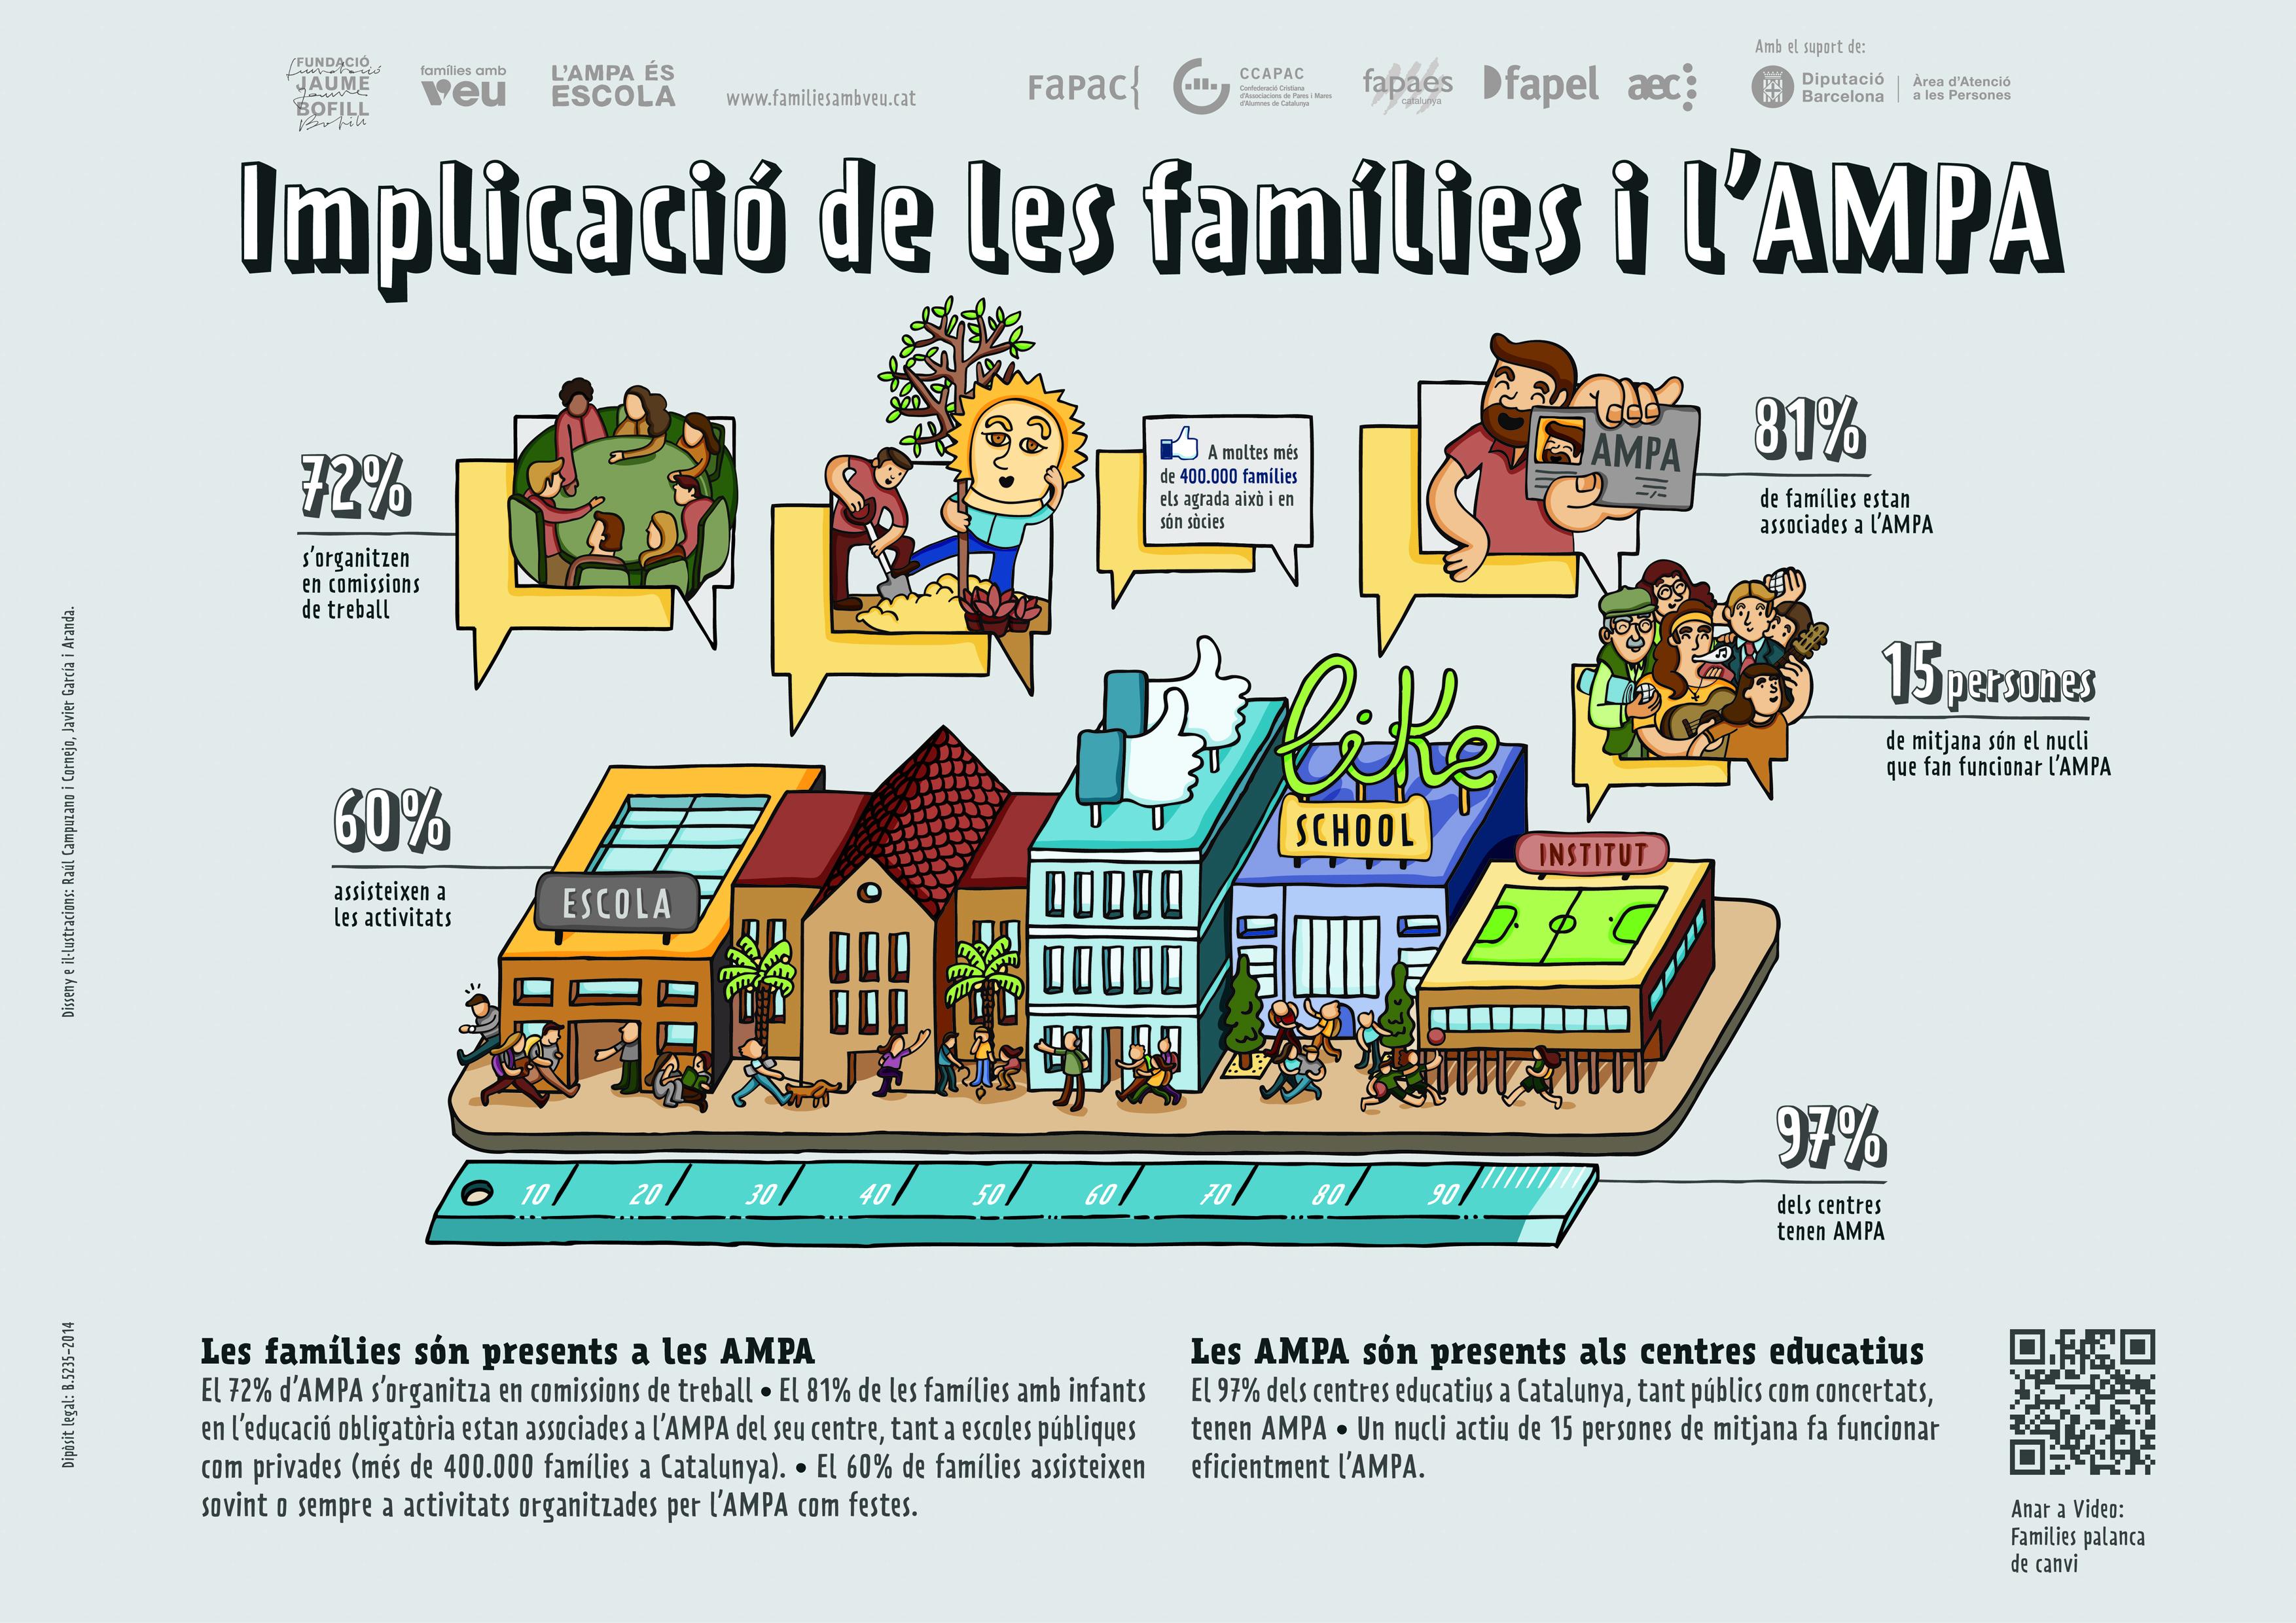 fav_implicacio-de-les-families-a-l-ampa.jpg